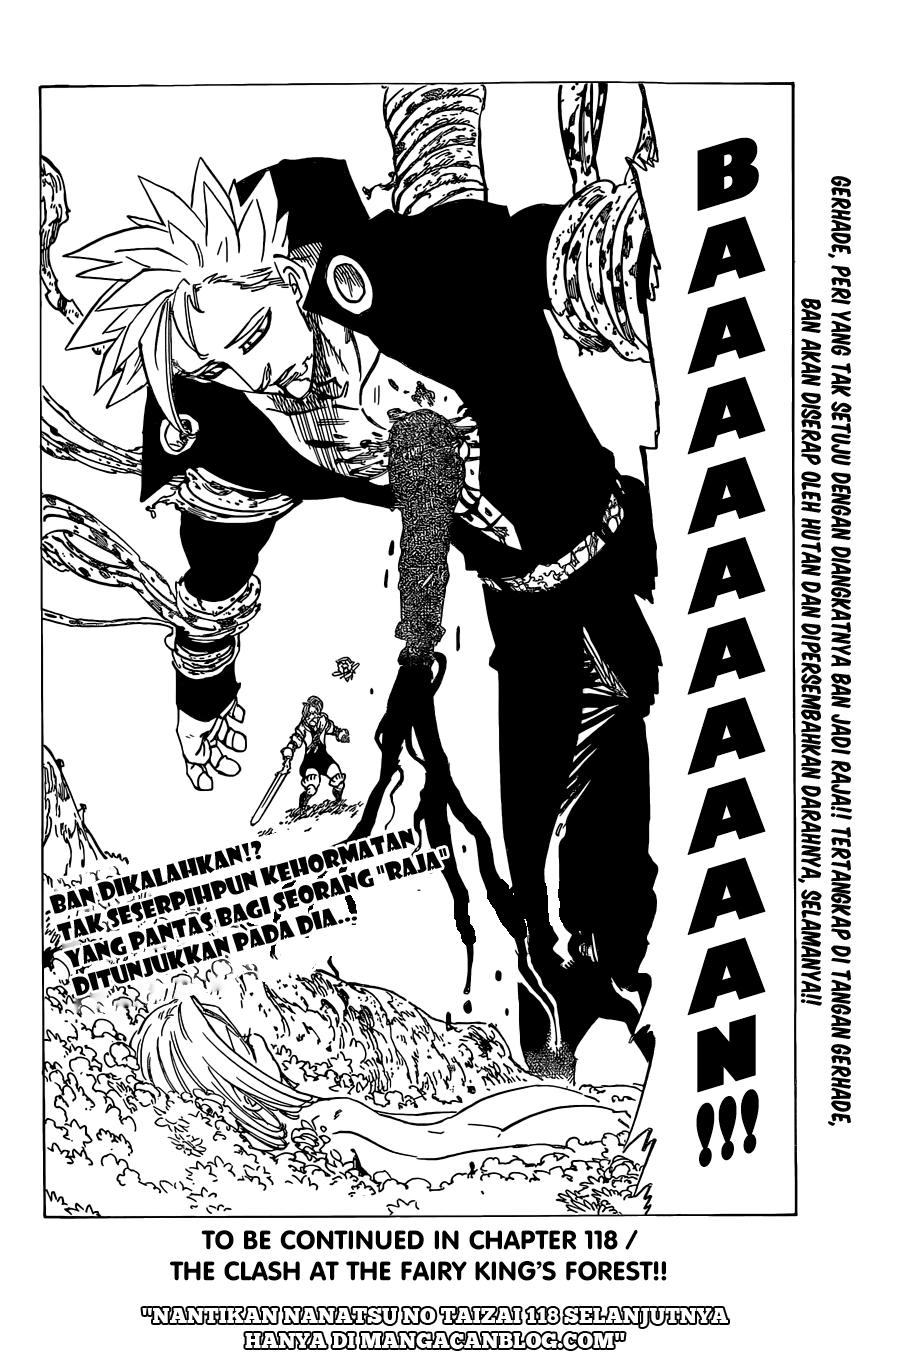 Komik nanatsu no taizai 117 - chapter 117 118 Indonesia nanatsu no taizai 117 - chapter 117 Terbaru 20|Baca Manga Komik Indonesia